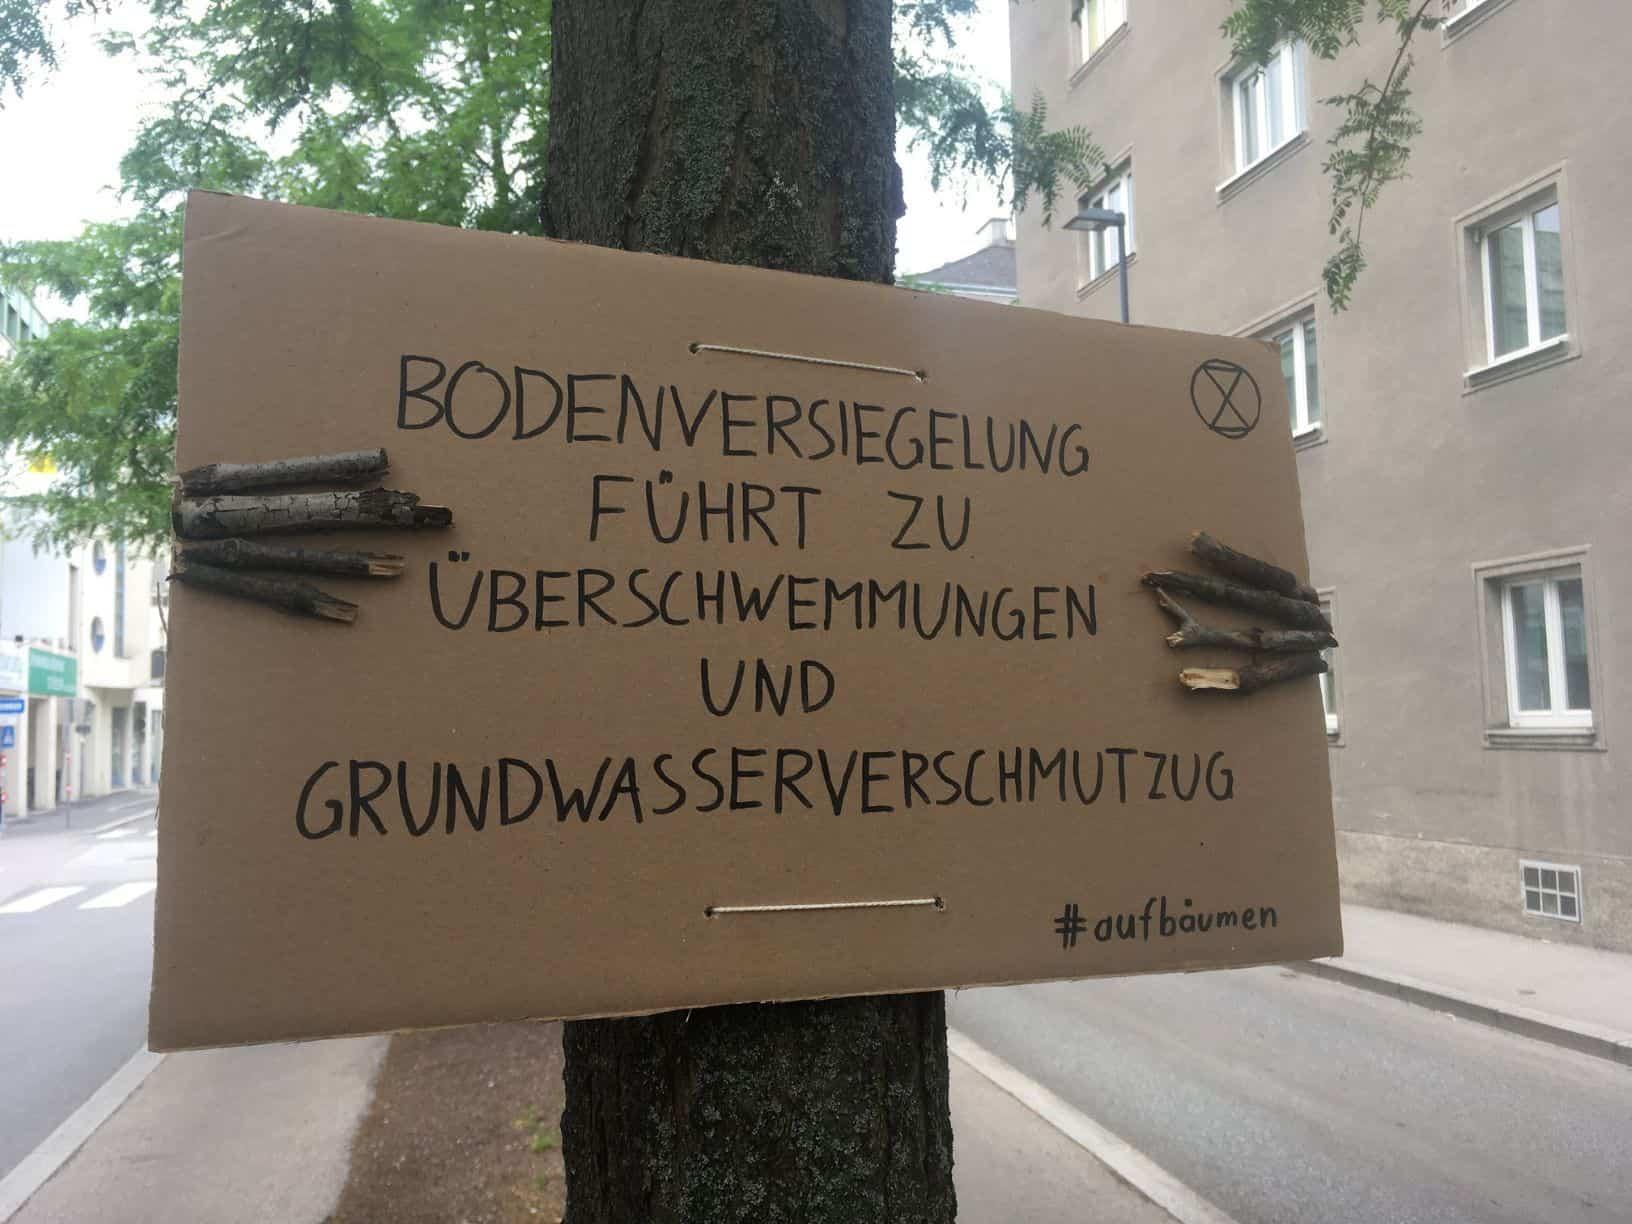 in Baum hält ein Schild und demonstriert gegen die Bodenversiegelung (Akion #aufbäumen)